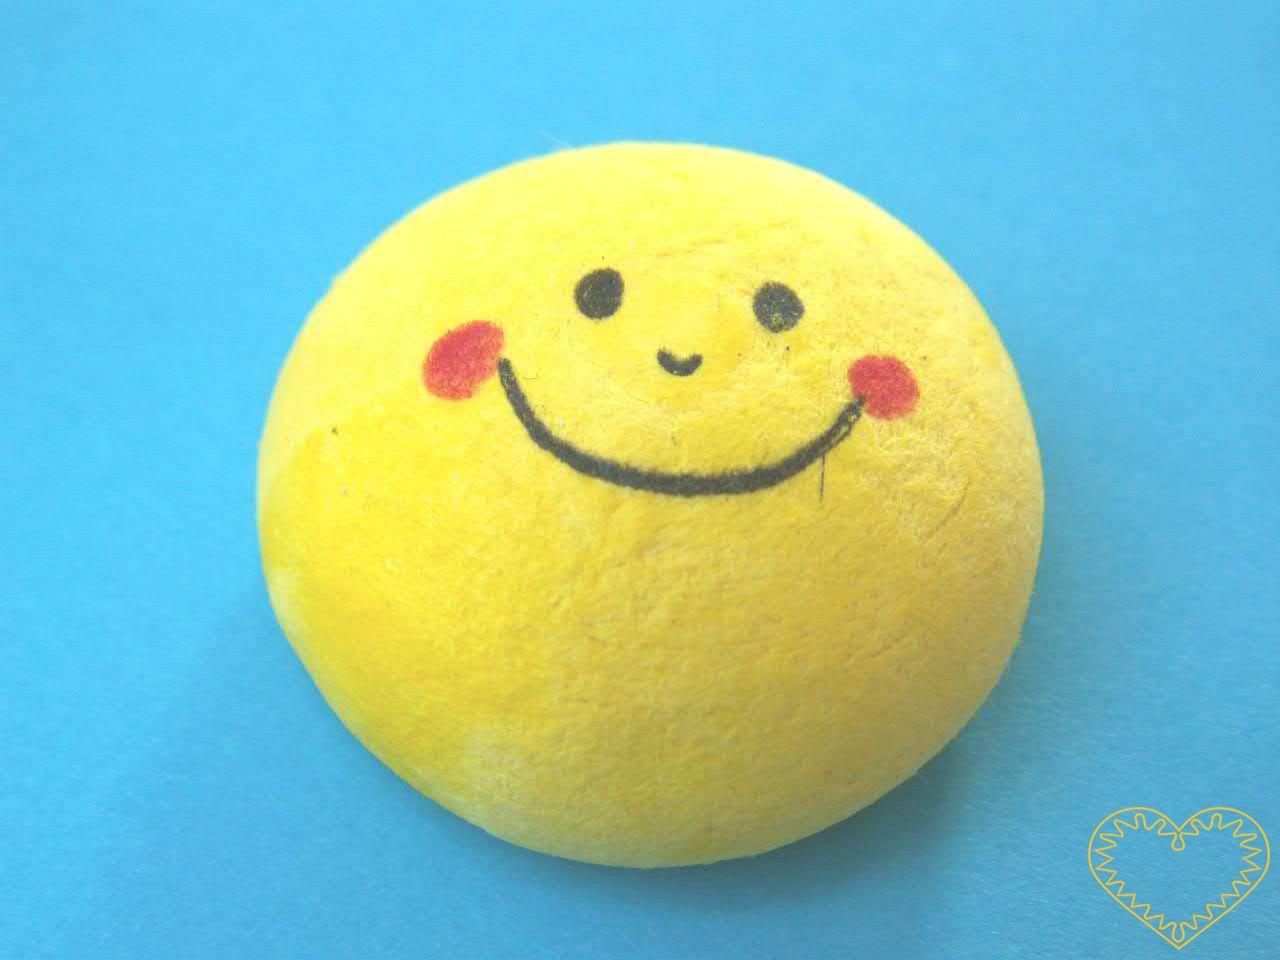 Žlutý vatový piškot ø 3,2 cm s tiskem - smajlík. Vhodný k přípravě dekorací, aranžování, tvoření. Může se nalepit na papír a tělíčko domalovat či dolepit z látky apod.